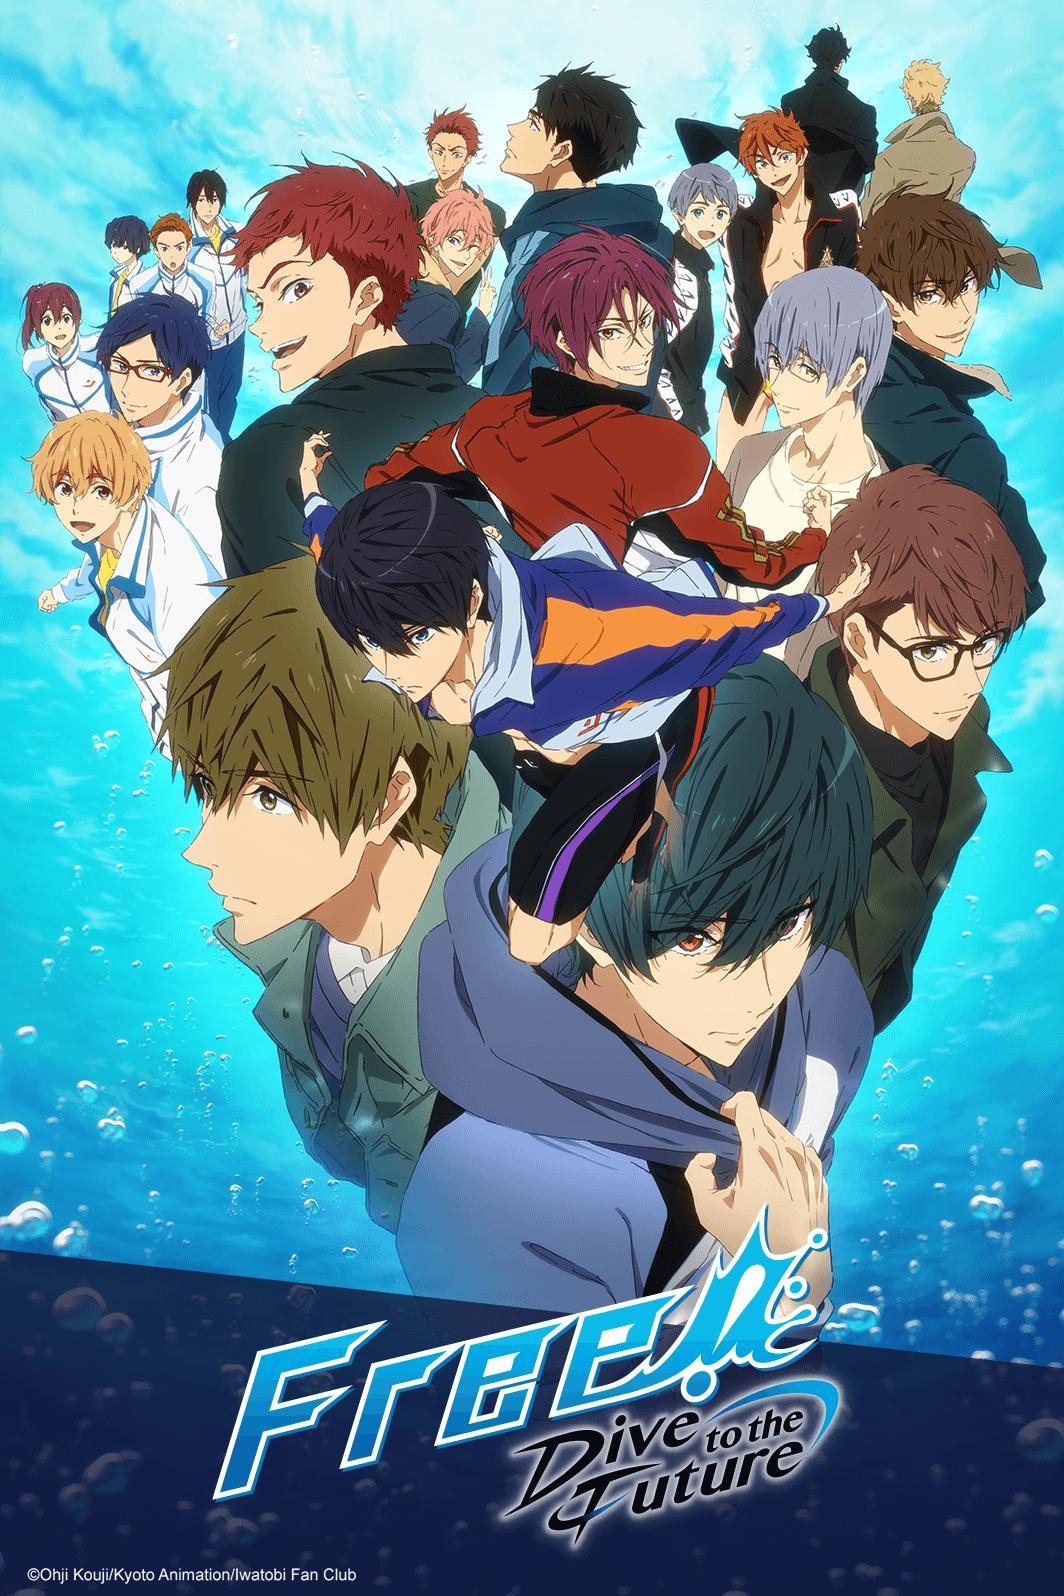 Free! - Iwatobi Swim Club - Watch on Crunchyroll